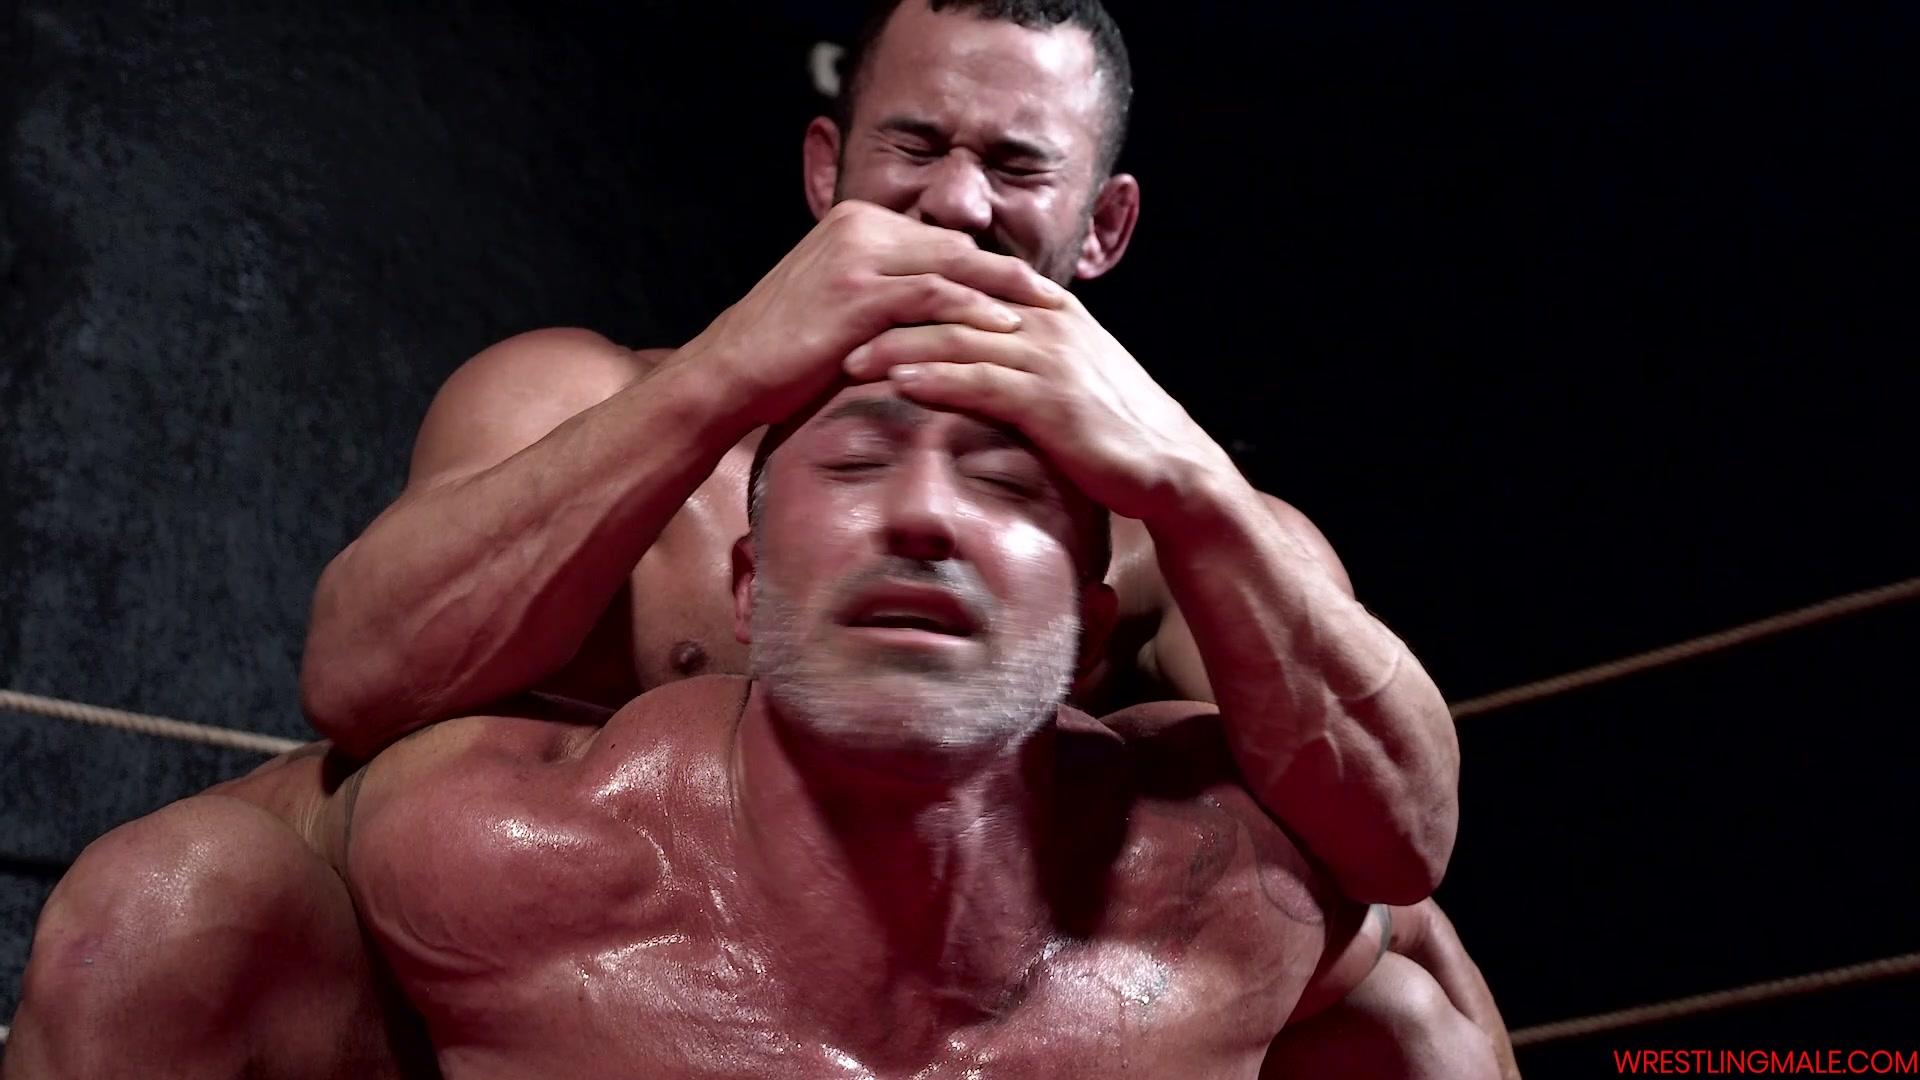 96-wrestlingmale-Trailer-Deal-1-For-KJ-01